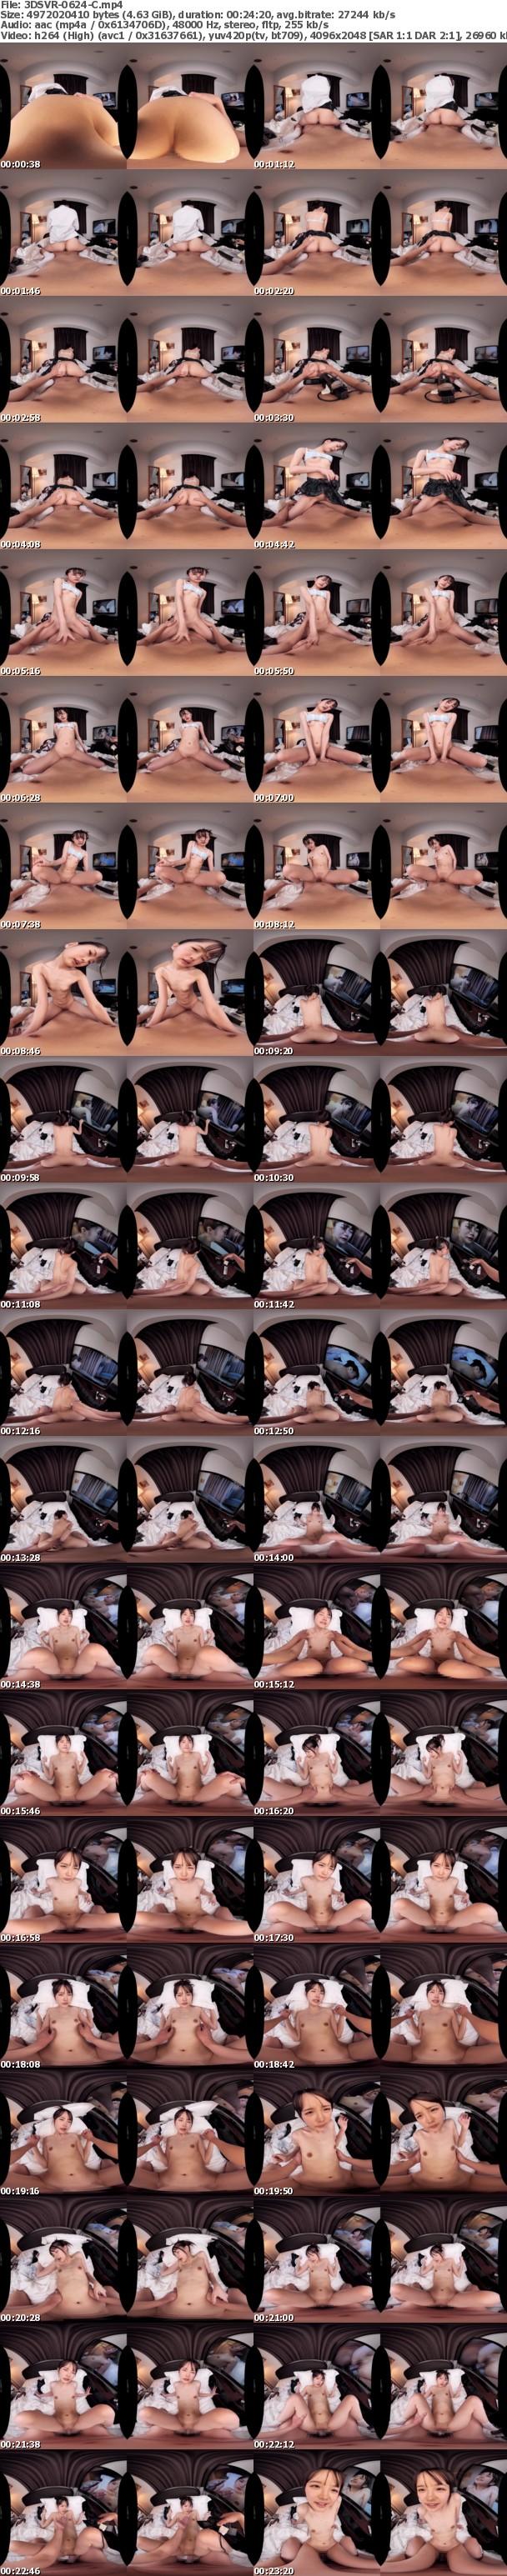 (VR) 3DSVR-0624 3年A組 松本さん 卒業式終わりにラブホでハメ撮り